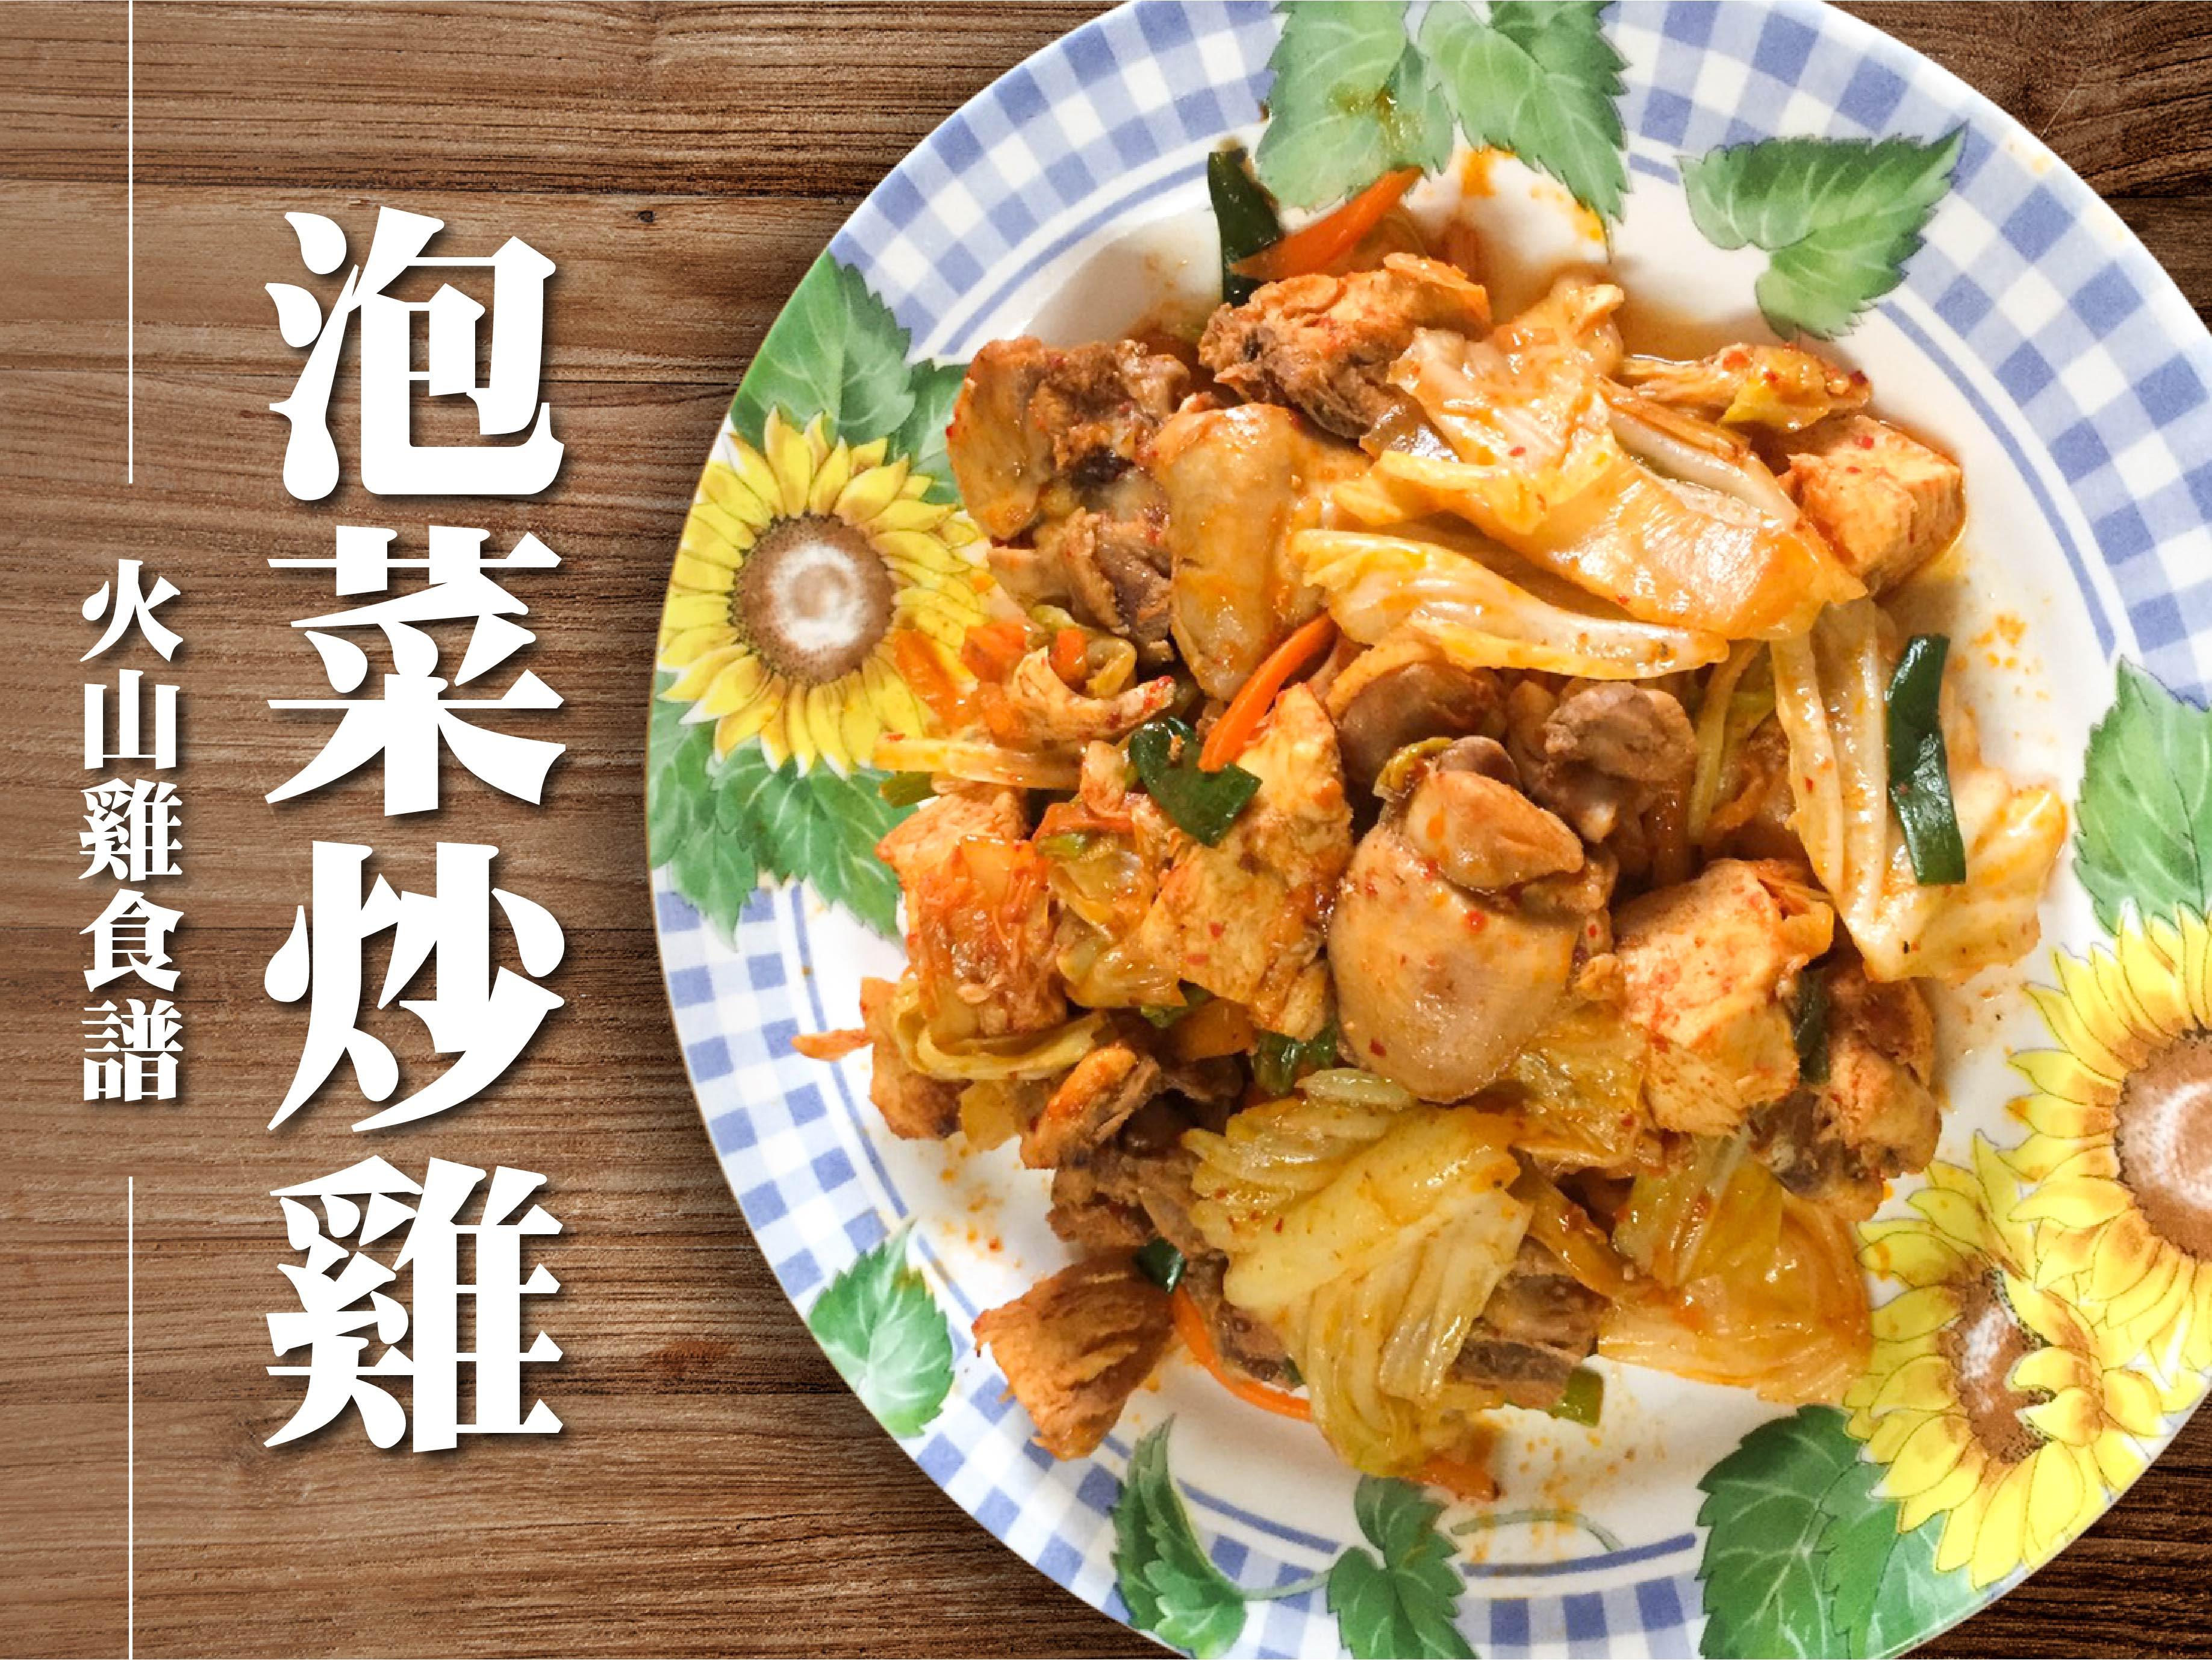 火山雞食譜-泡菜炒雞